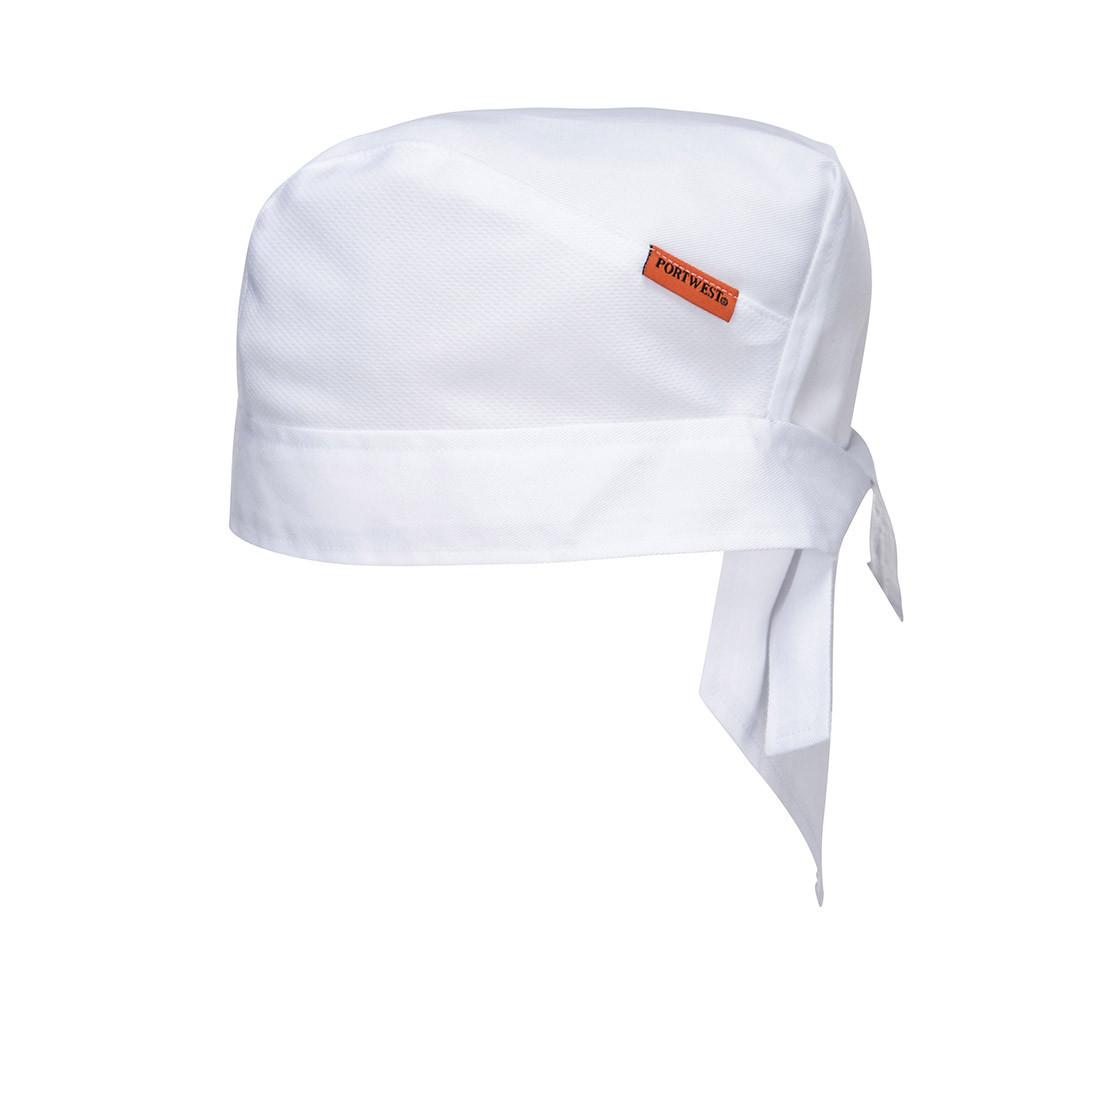 Bandana MeshAir Pro - Imbracaminte de protectie